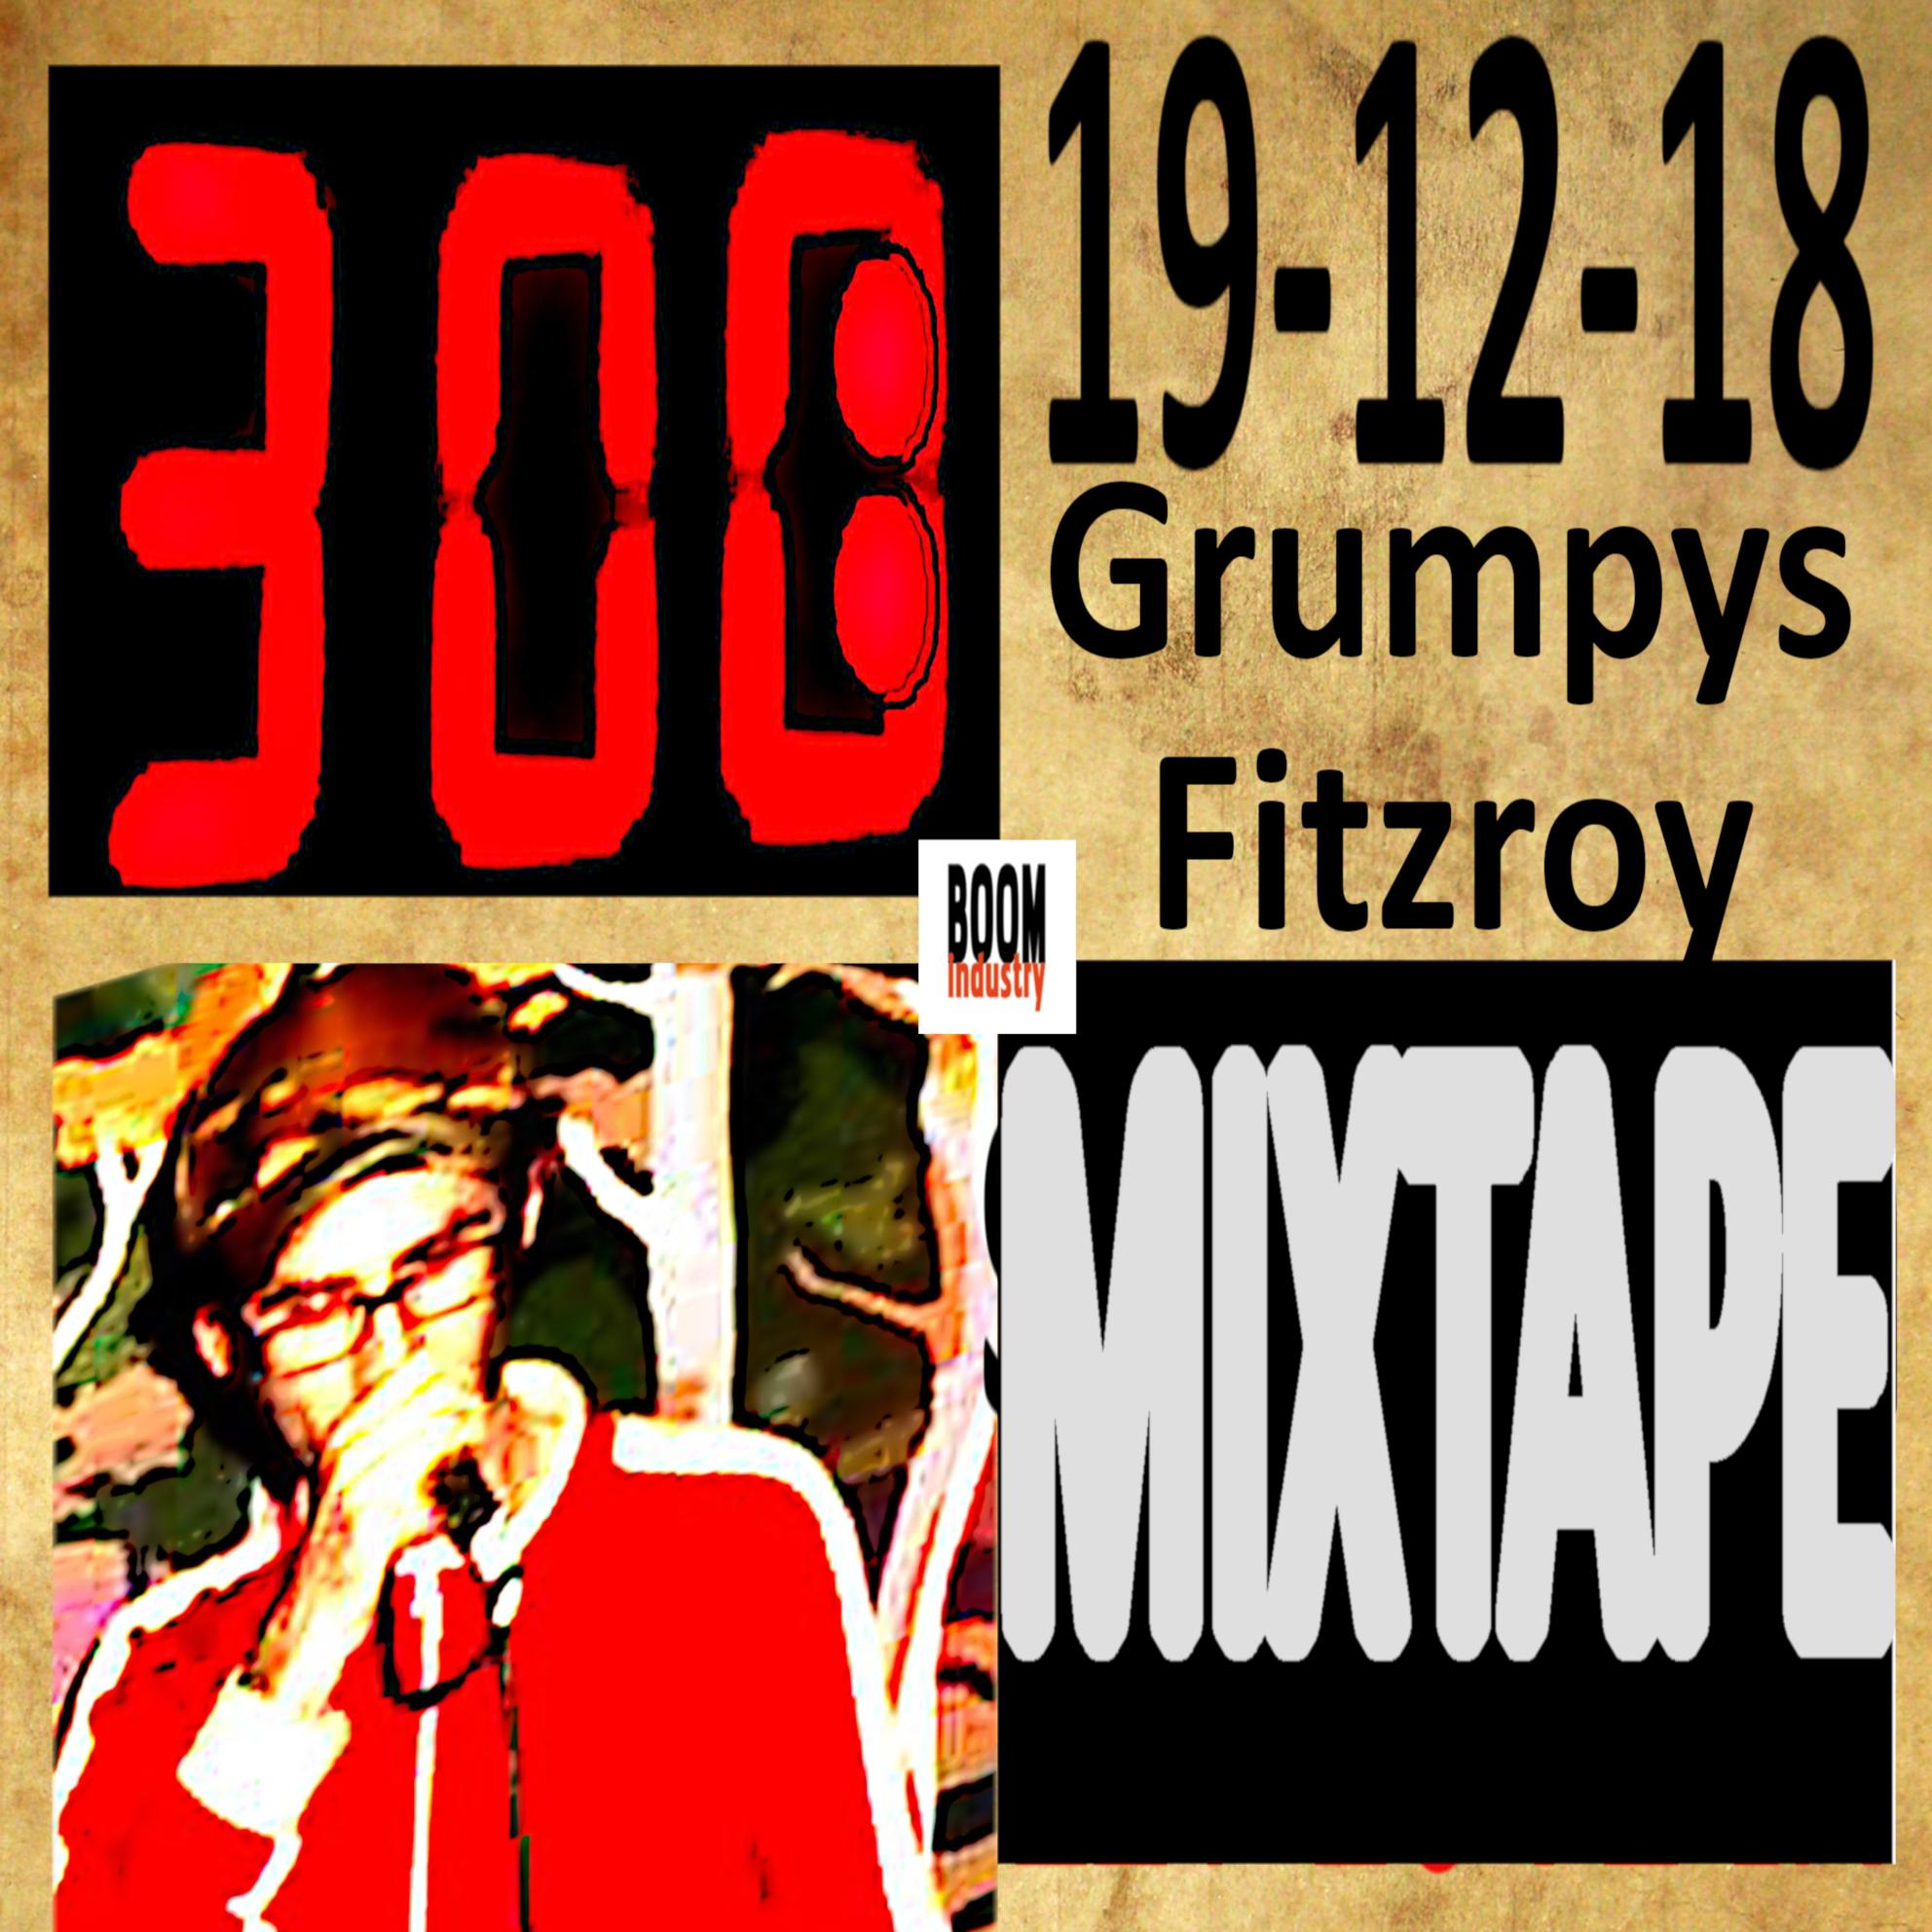 3oB free mixtape 2018_Dec FRL and Grumpys.png